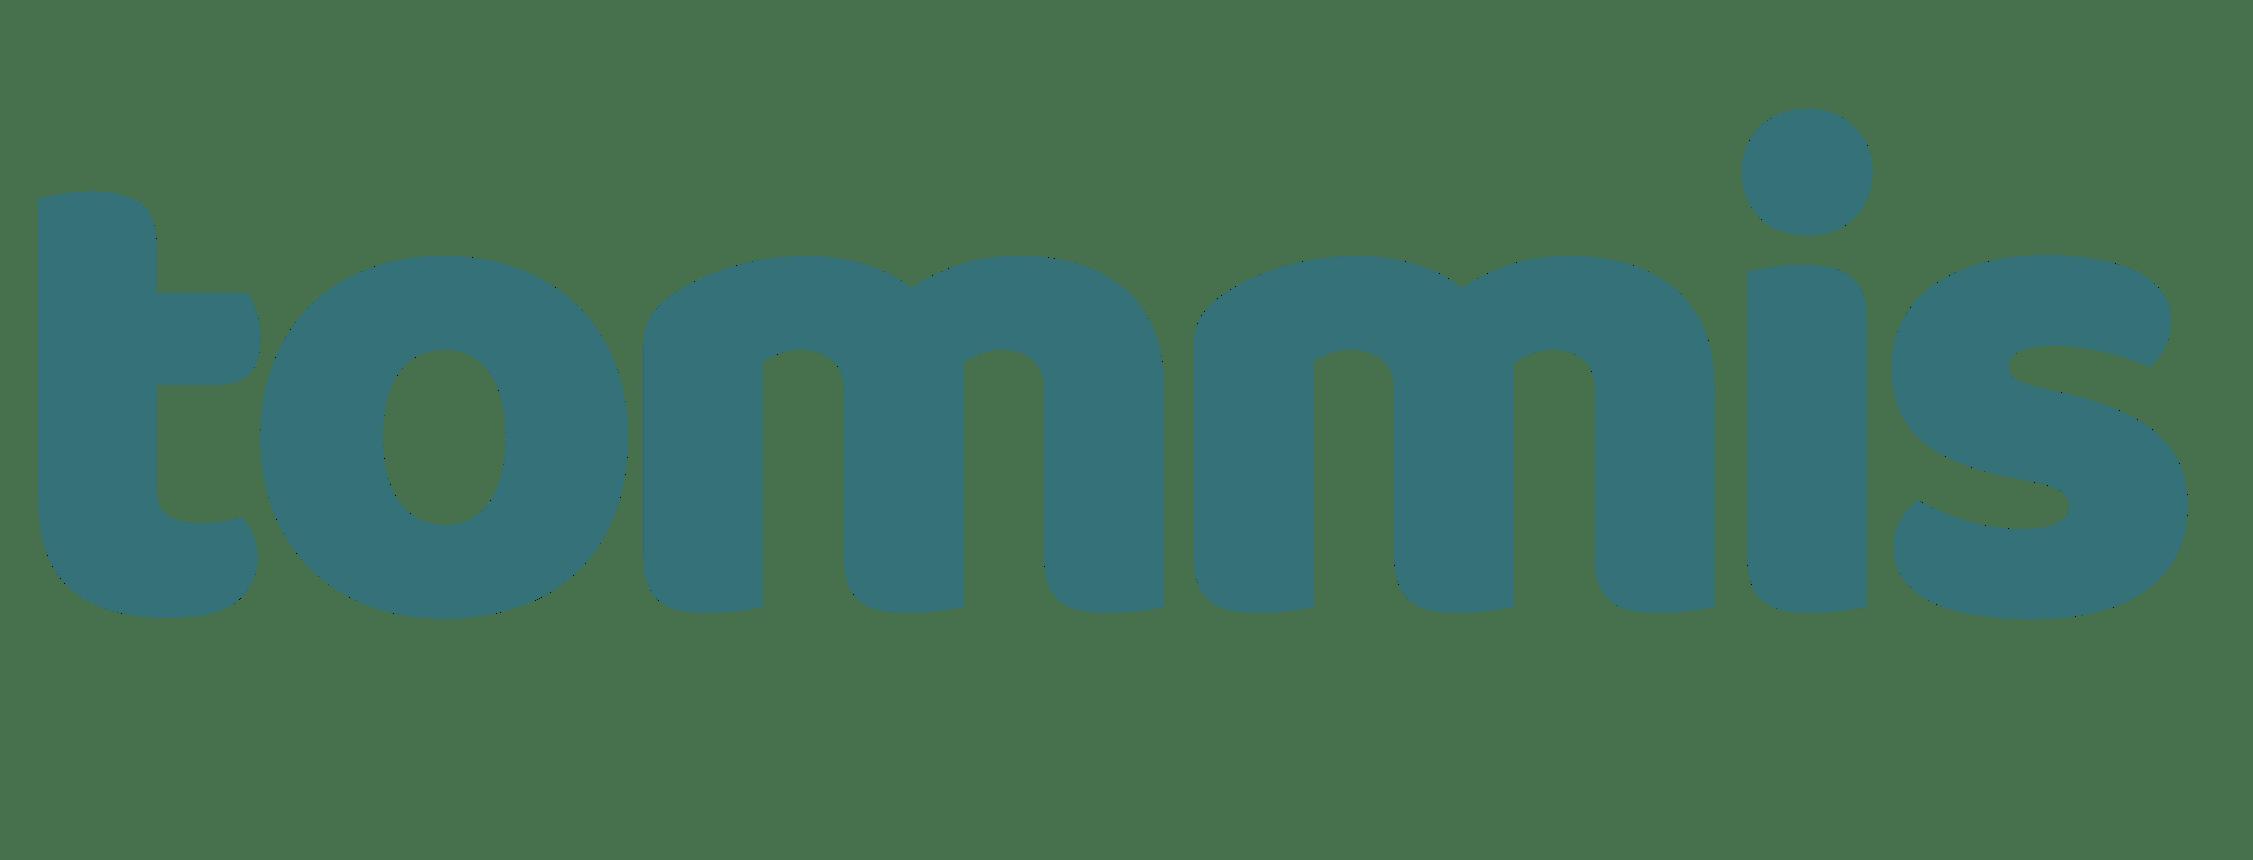 mytommis.com